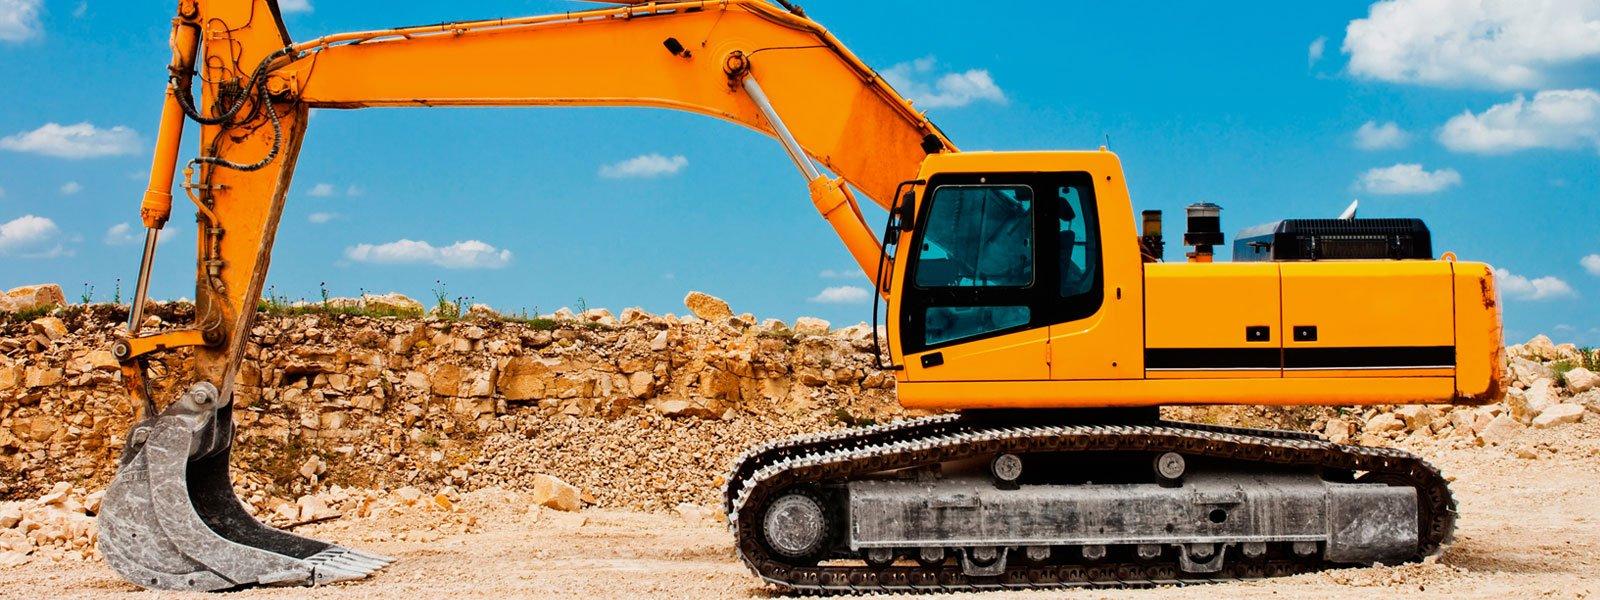 Primo piano di un escavatore gialla che contrasta con il cielo blu